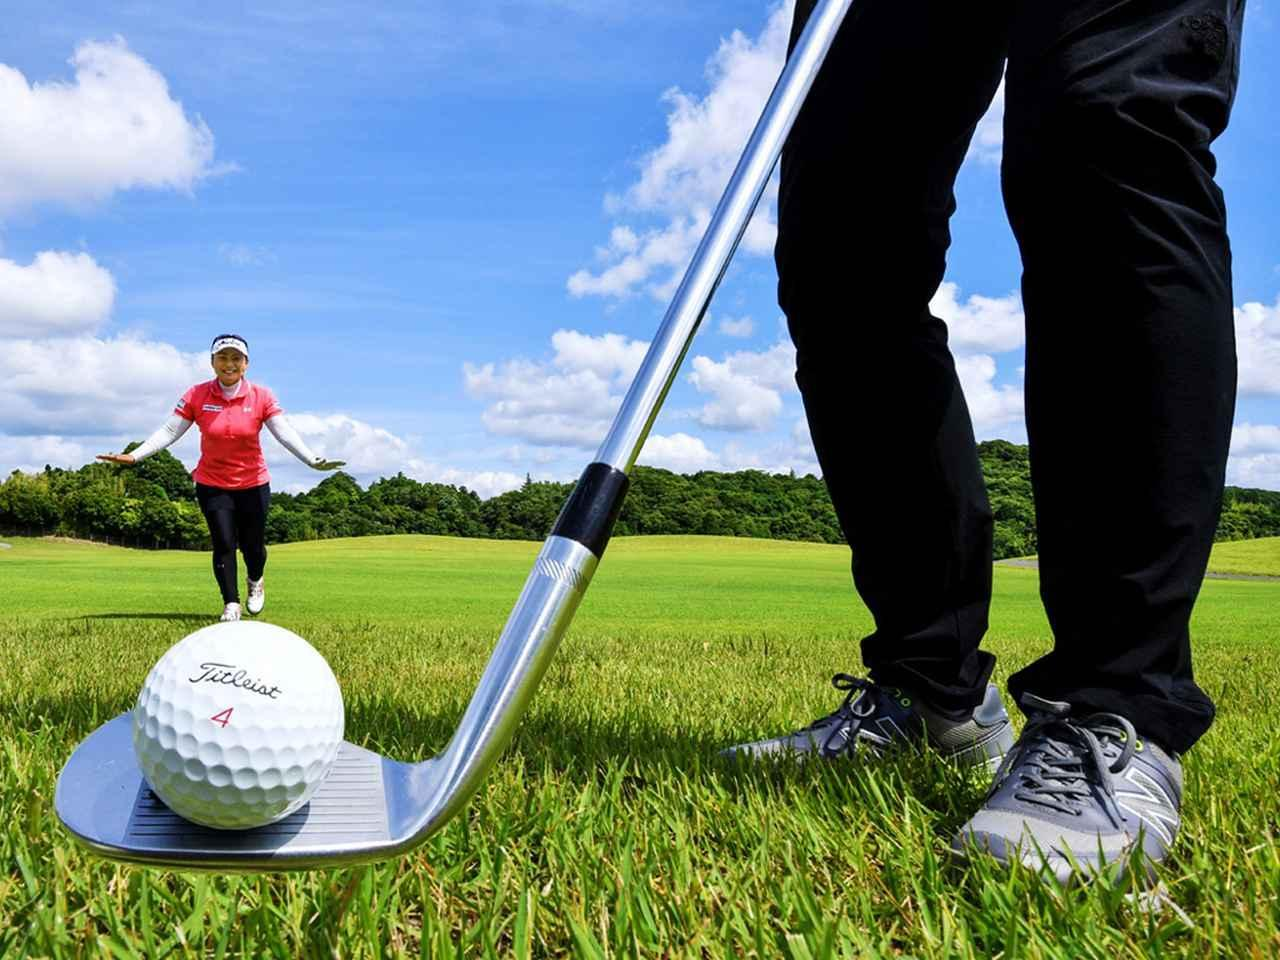 画像: 【夏ラフ アプローチ】女子プロが一番難しいと答えた浮いたライ「前傾と手首の角度が上手く寄せるポイントです」馬場ゆかりプロ直伝レッスン - ゴルフへ行こうWEB by ゴルフダイジェスト